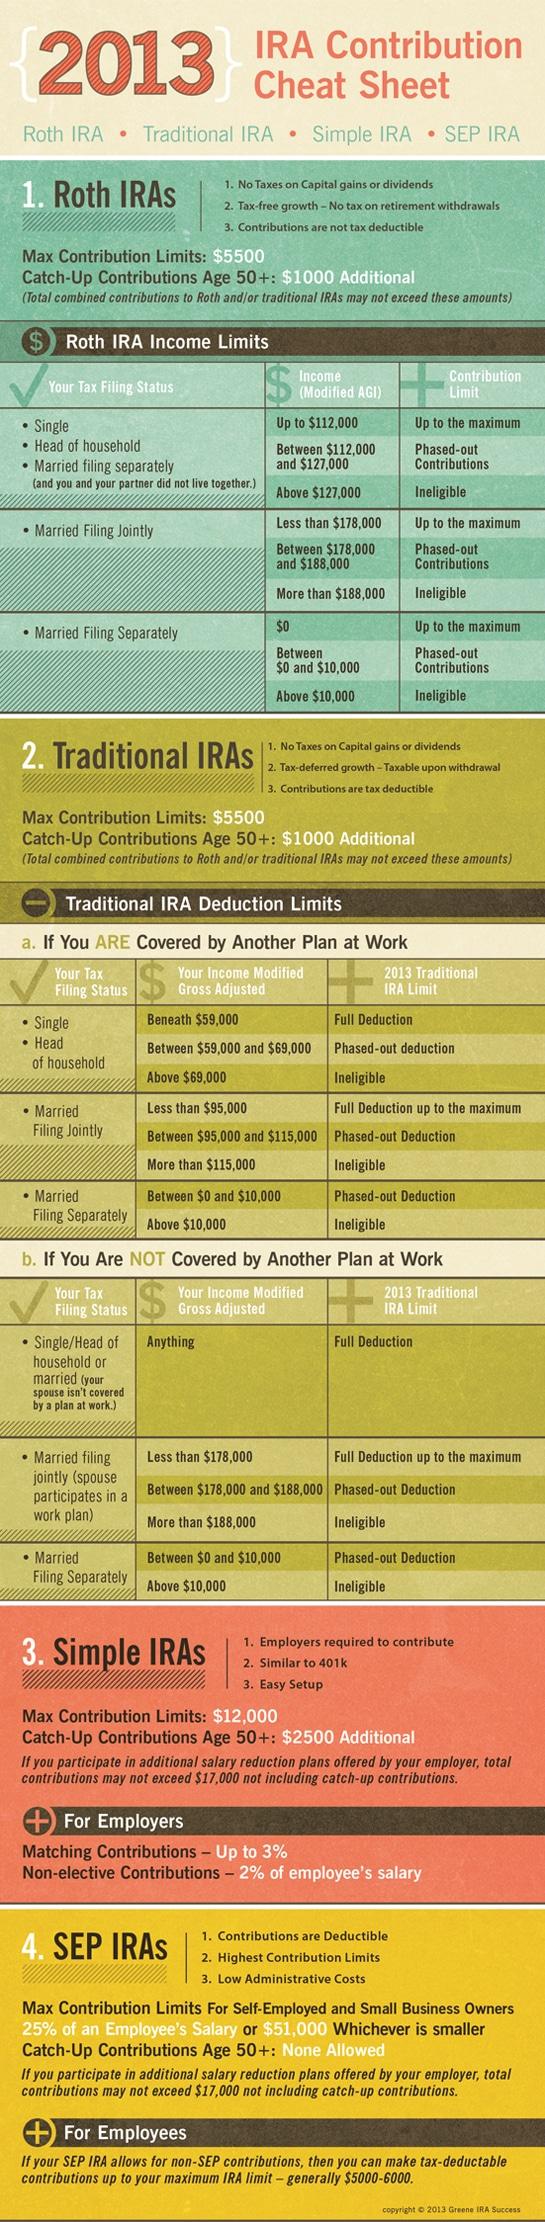 Retirement Account Rules